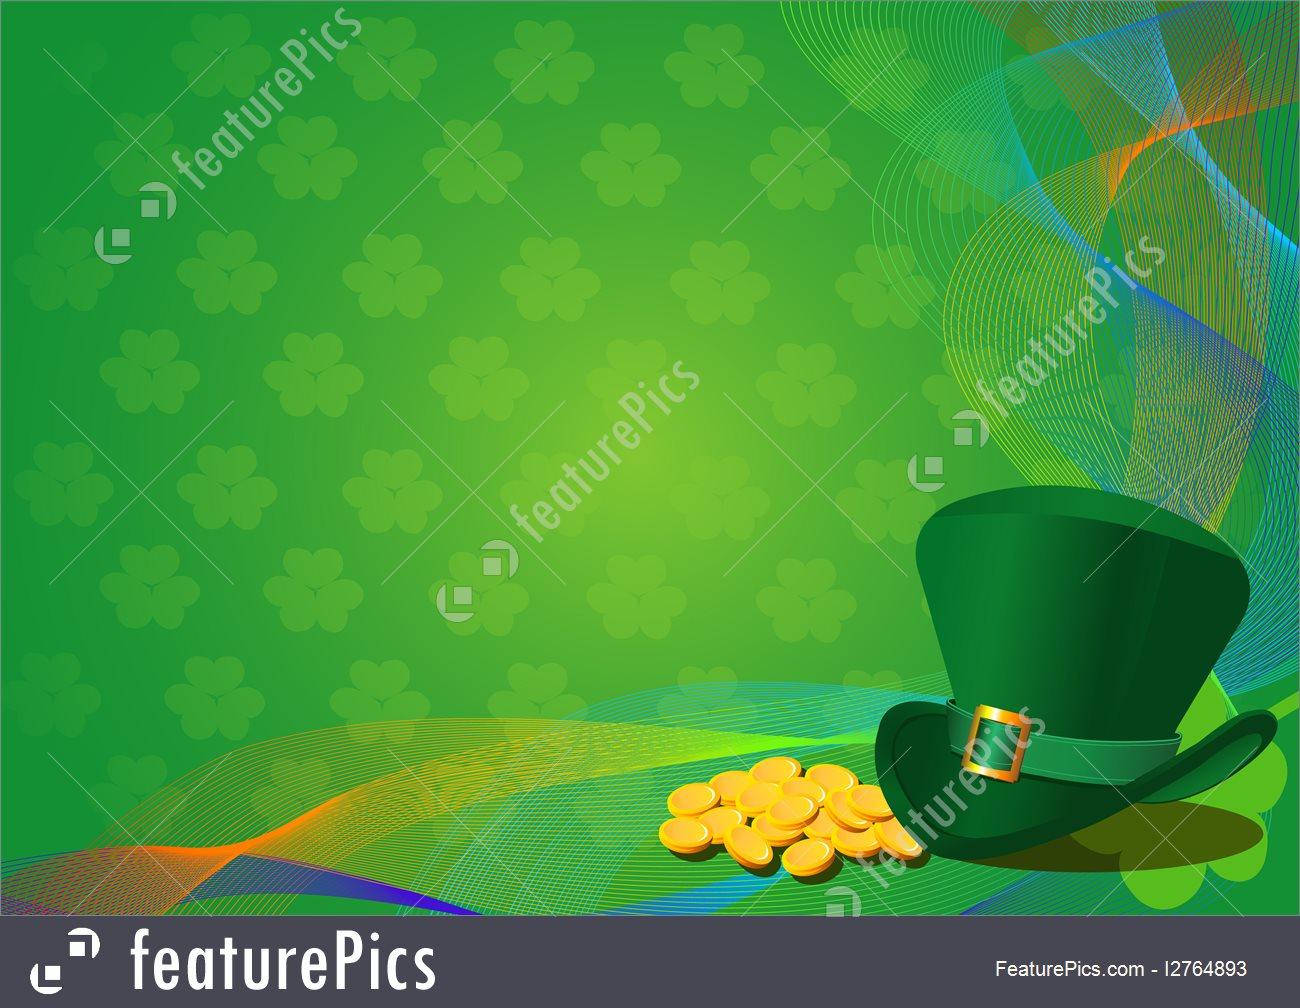 St Patricks Day Background Images duashadicom 1300x1008